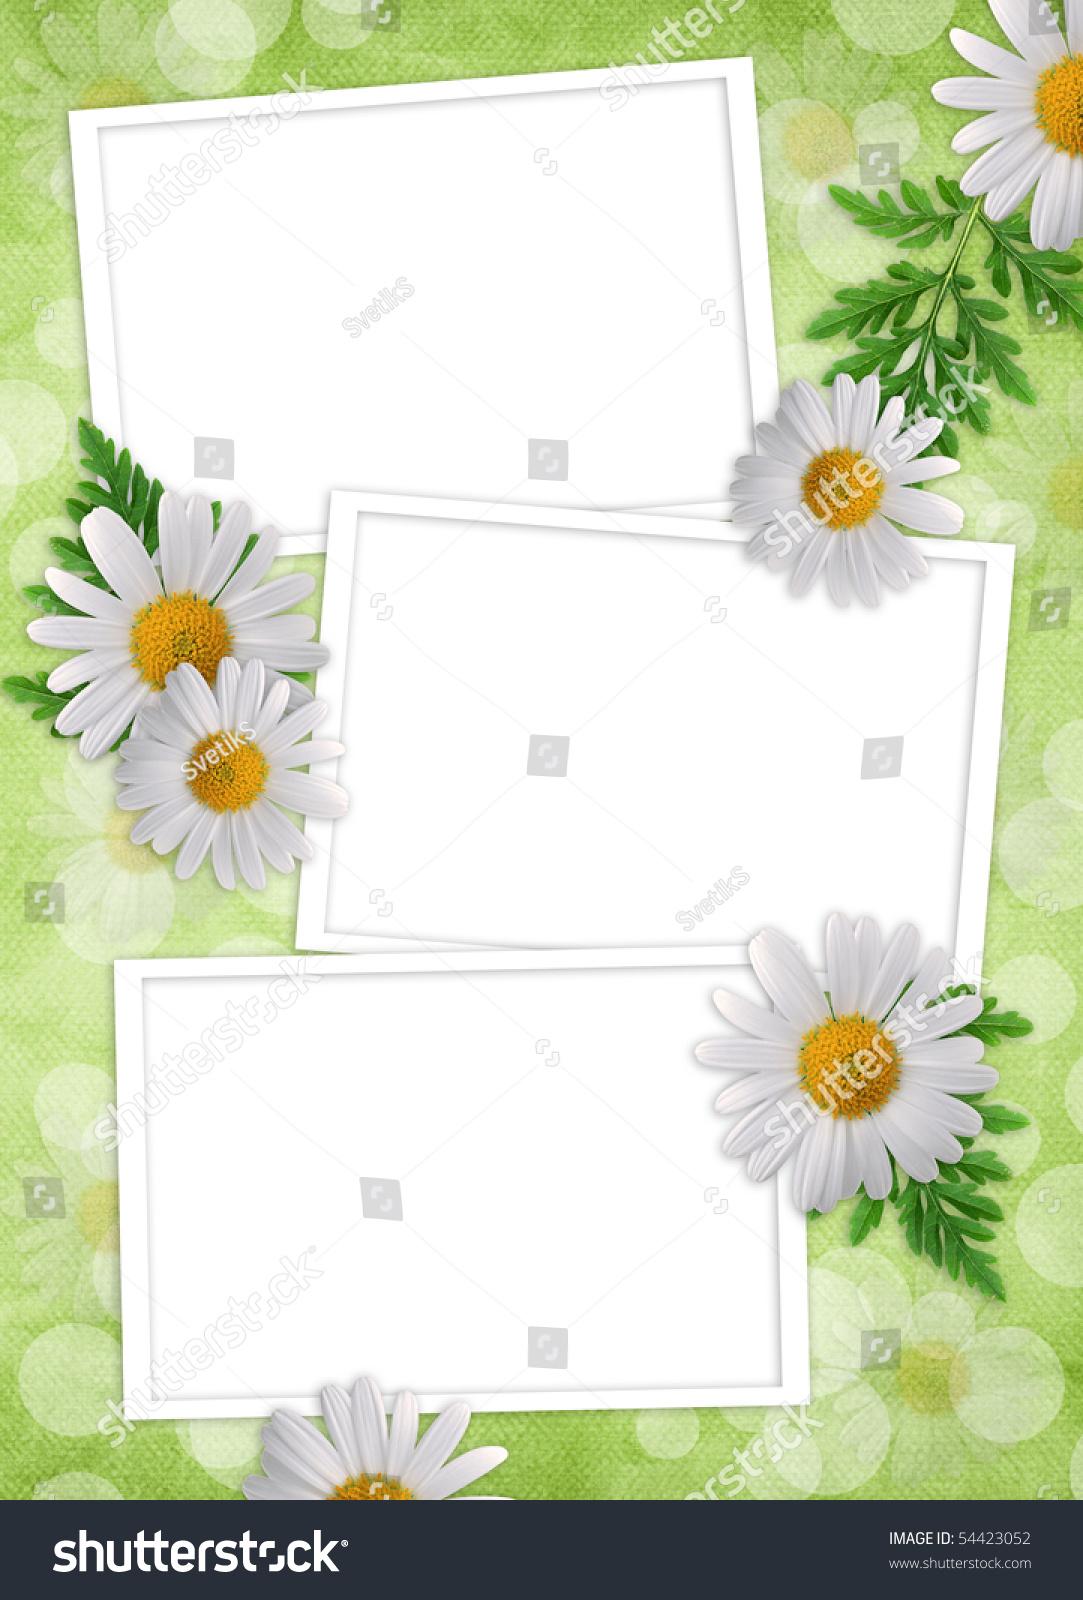 目录花边框手绘